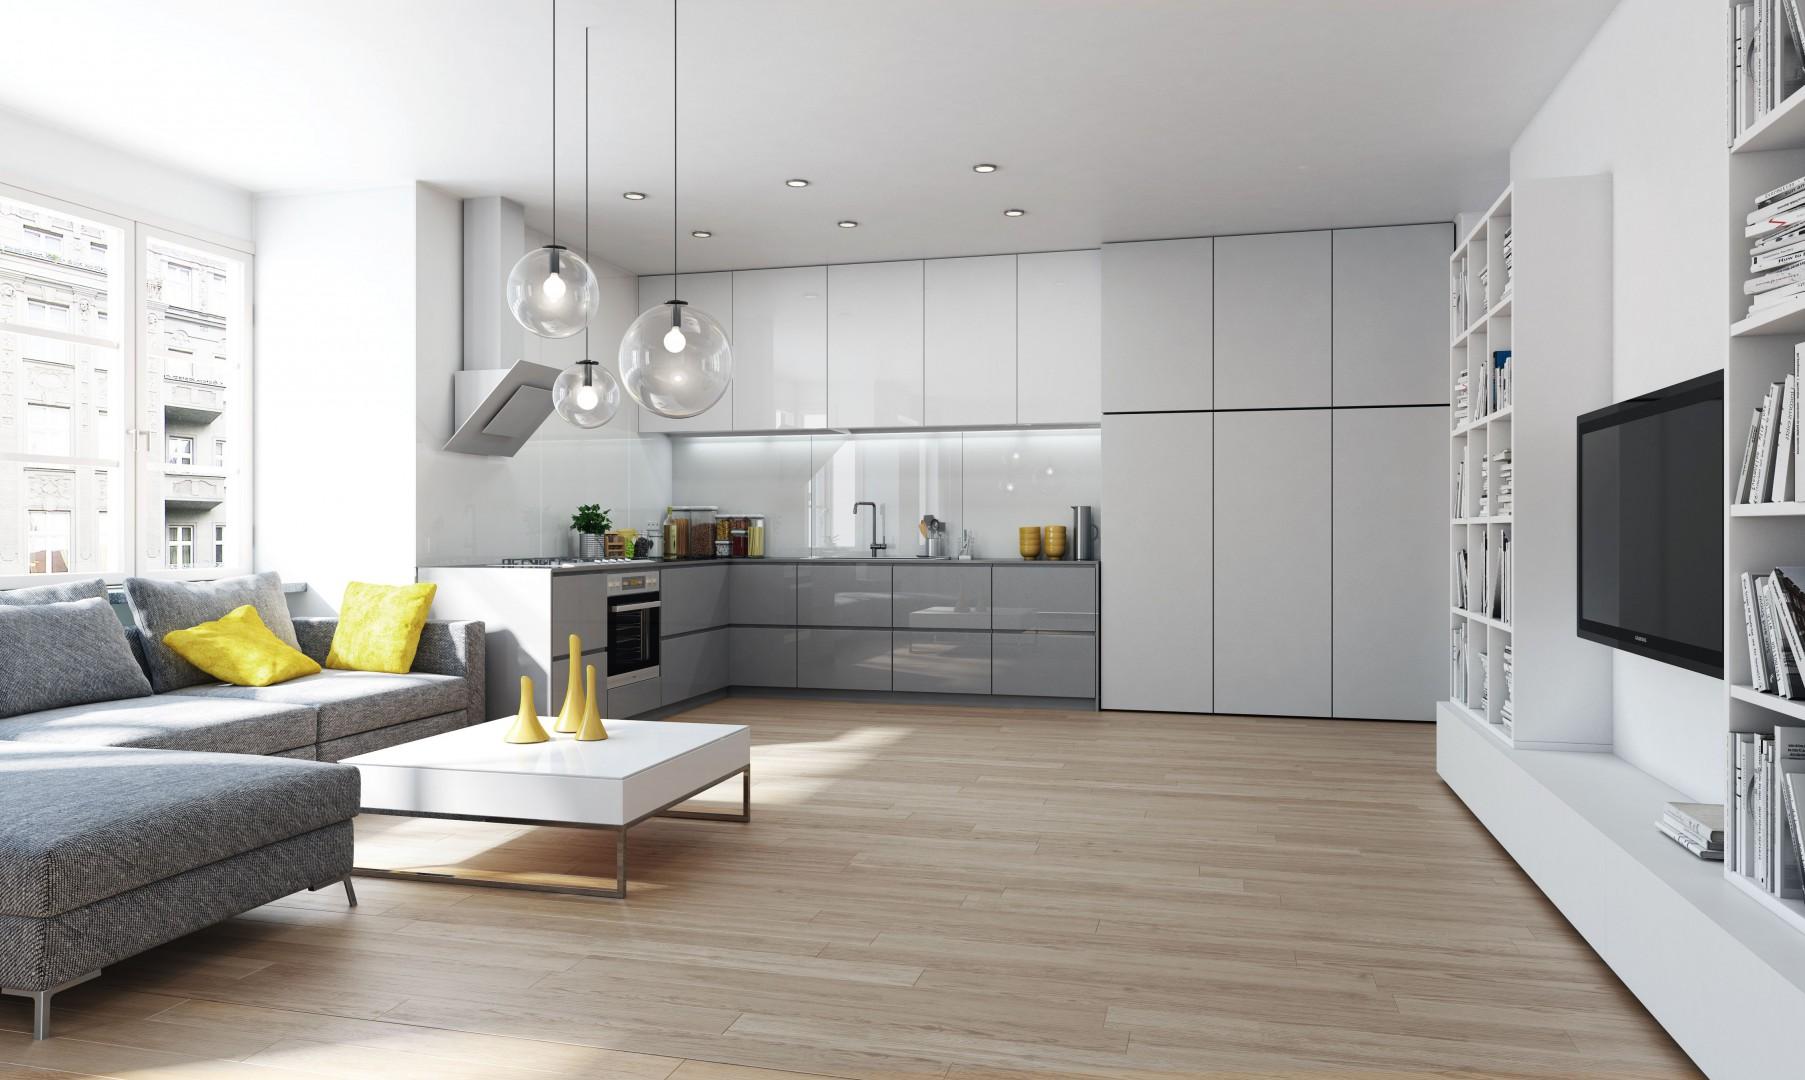 W małych mieszkaniach powinny przeważać jasne barwy, które optycznie powiększają przestrzeń - zarówno salonu, jak i kuchni. Fot. Komandor